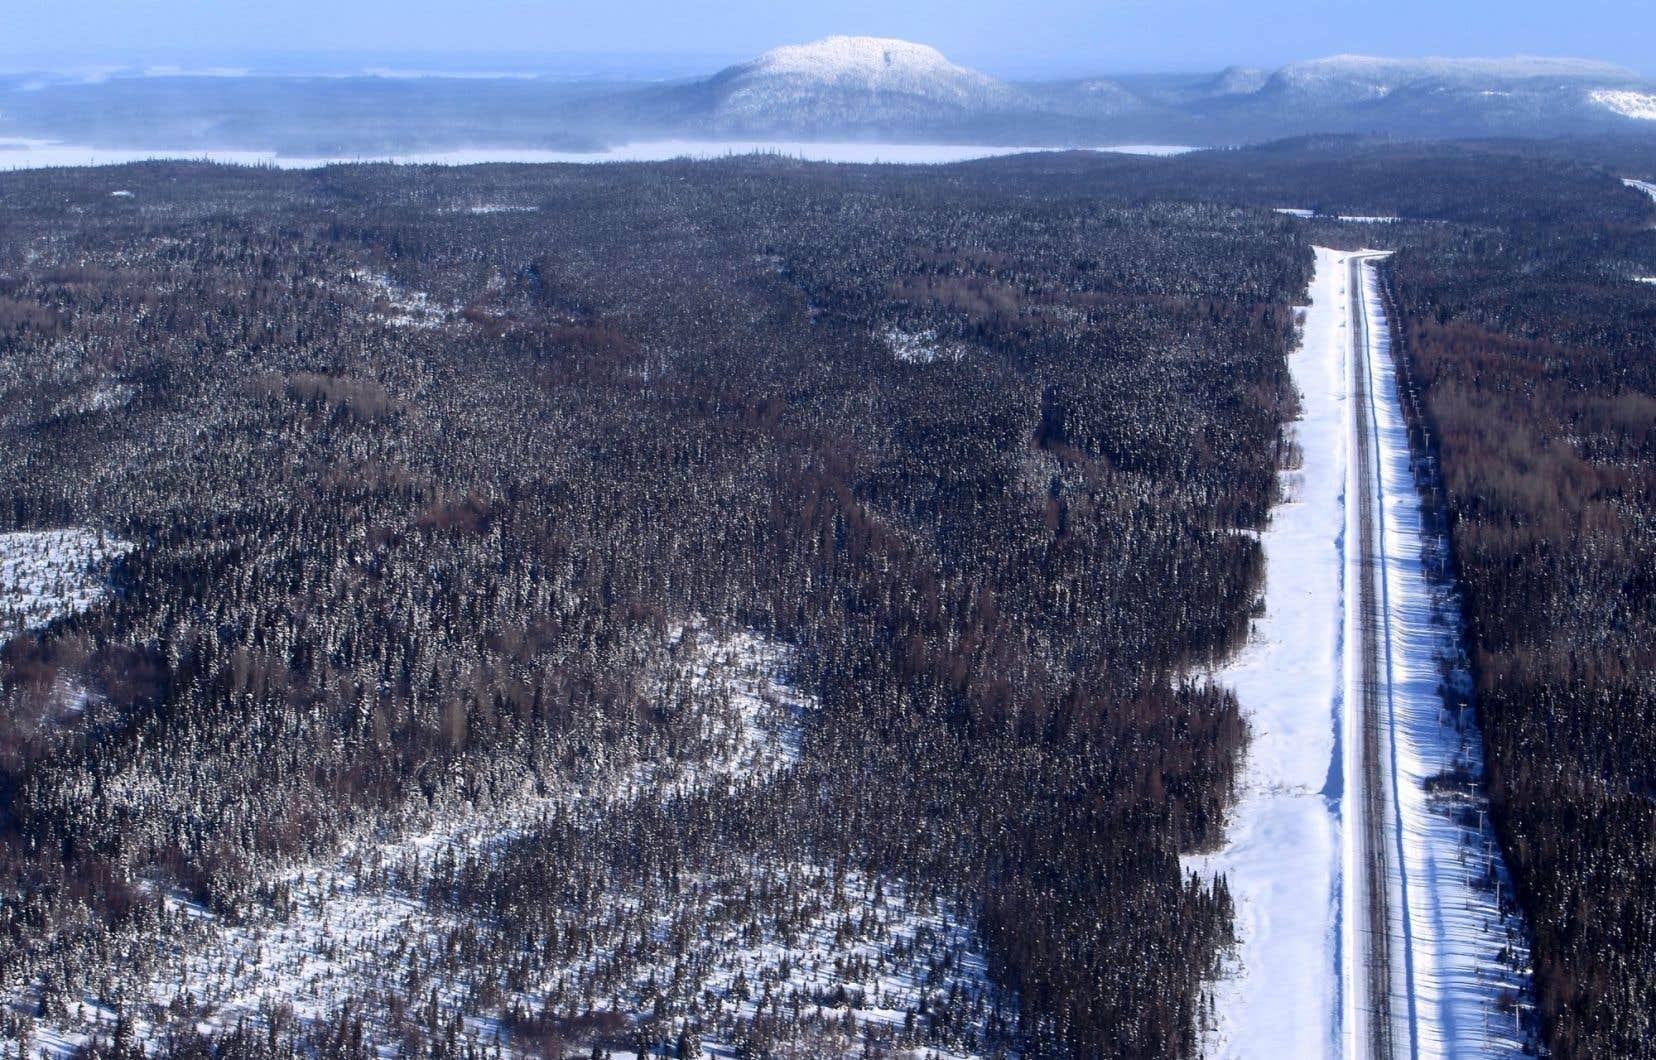 Des chercheurs ont établi qu'une «ligne» sépare le territoire vierge du Nord québécois de celui pollué du sud.